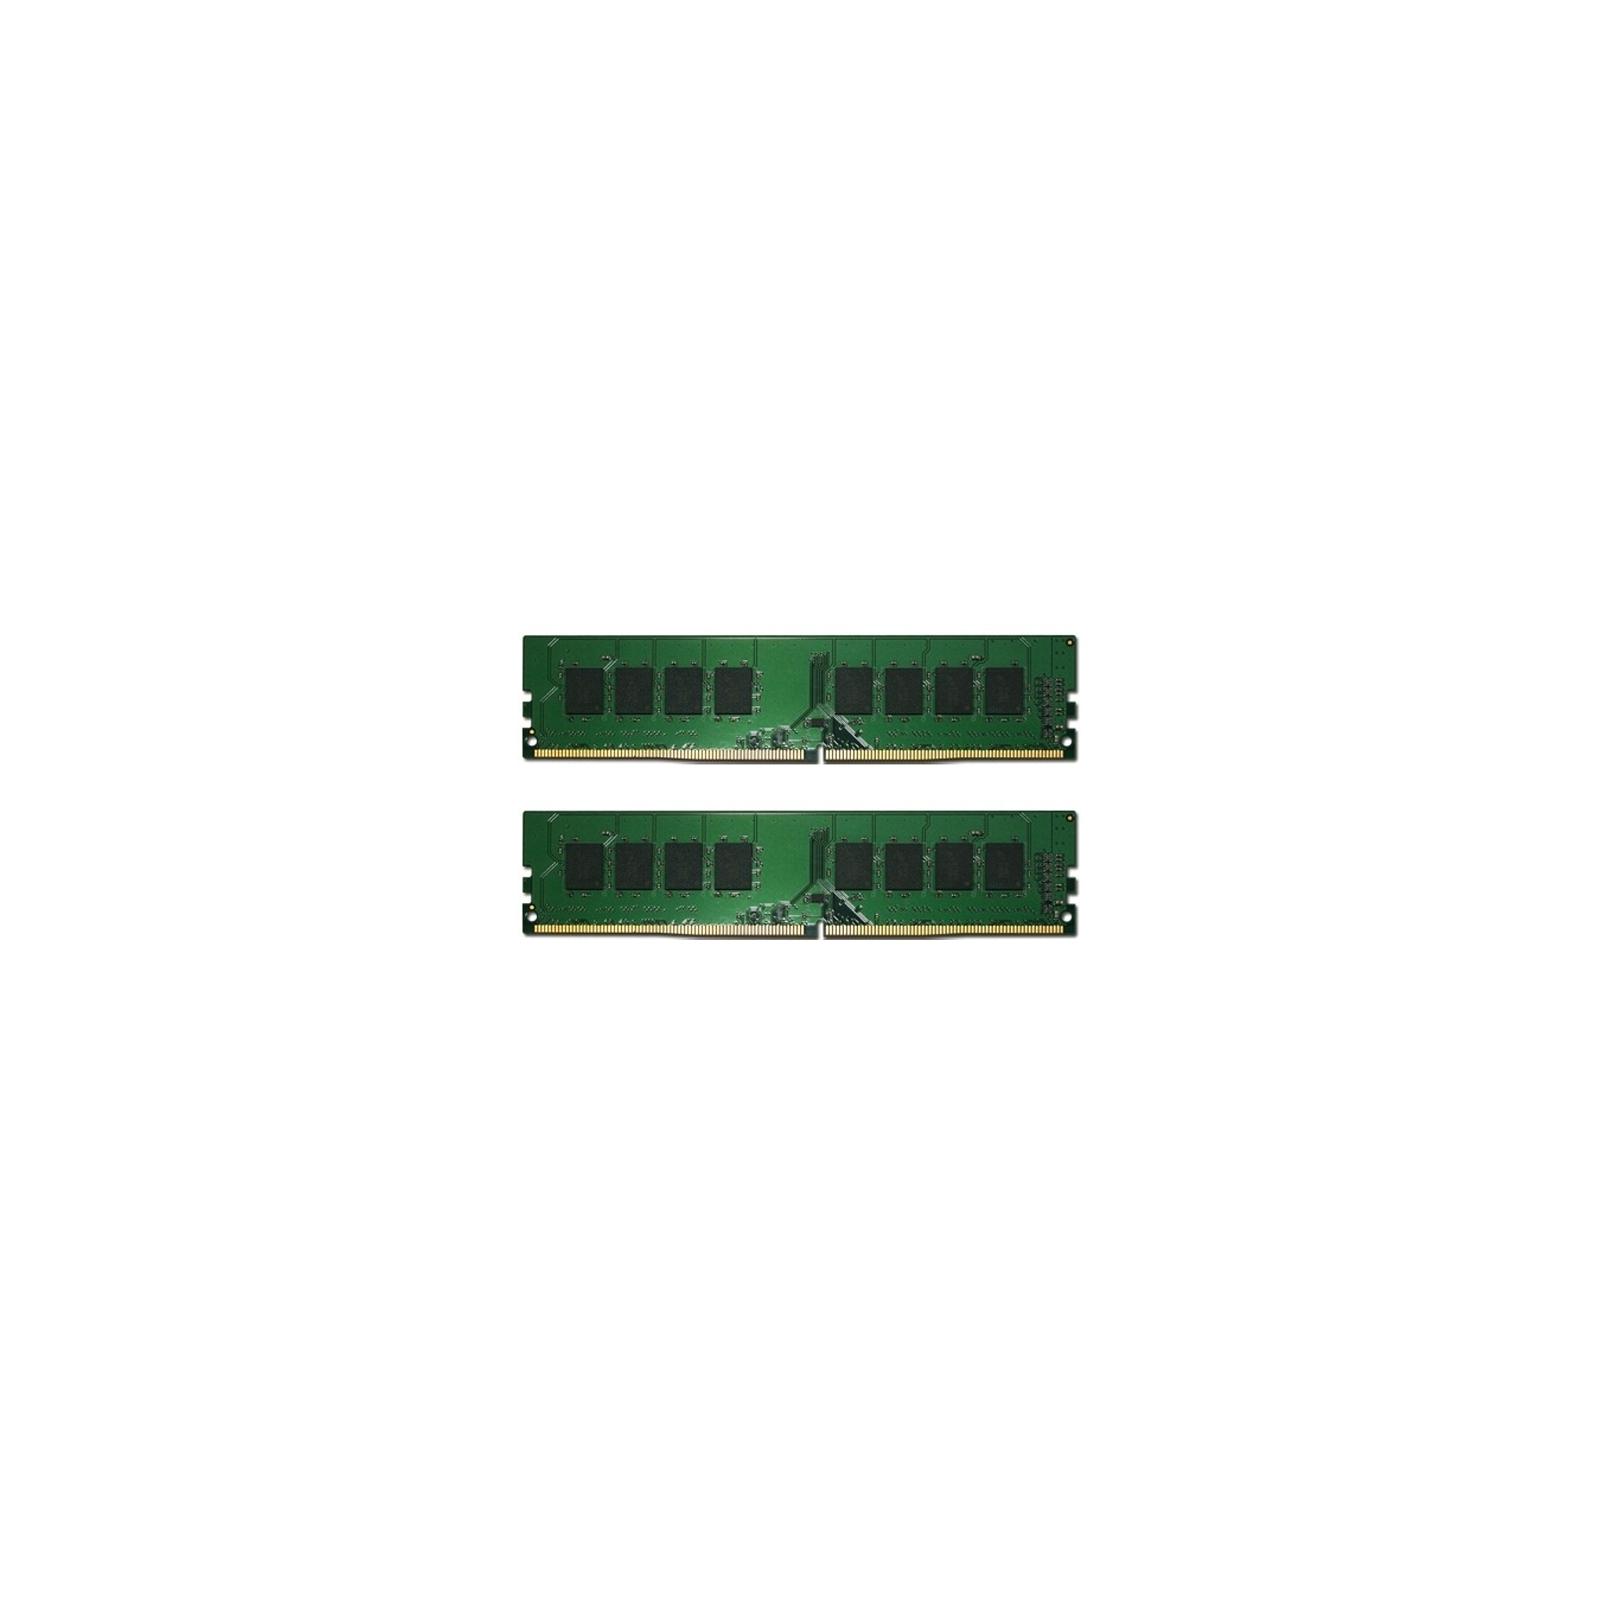 Модуль памяти для компьютера DDR4 8GB (2x4GB) 3466 MHz eXceleram (E40834AD)